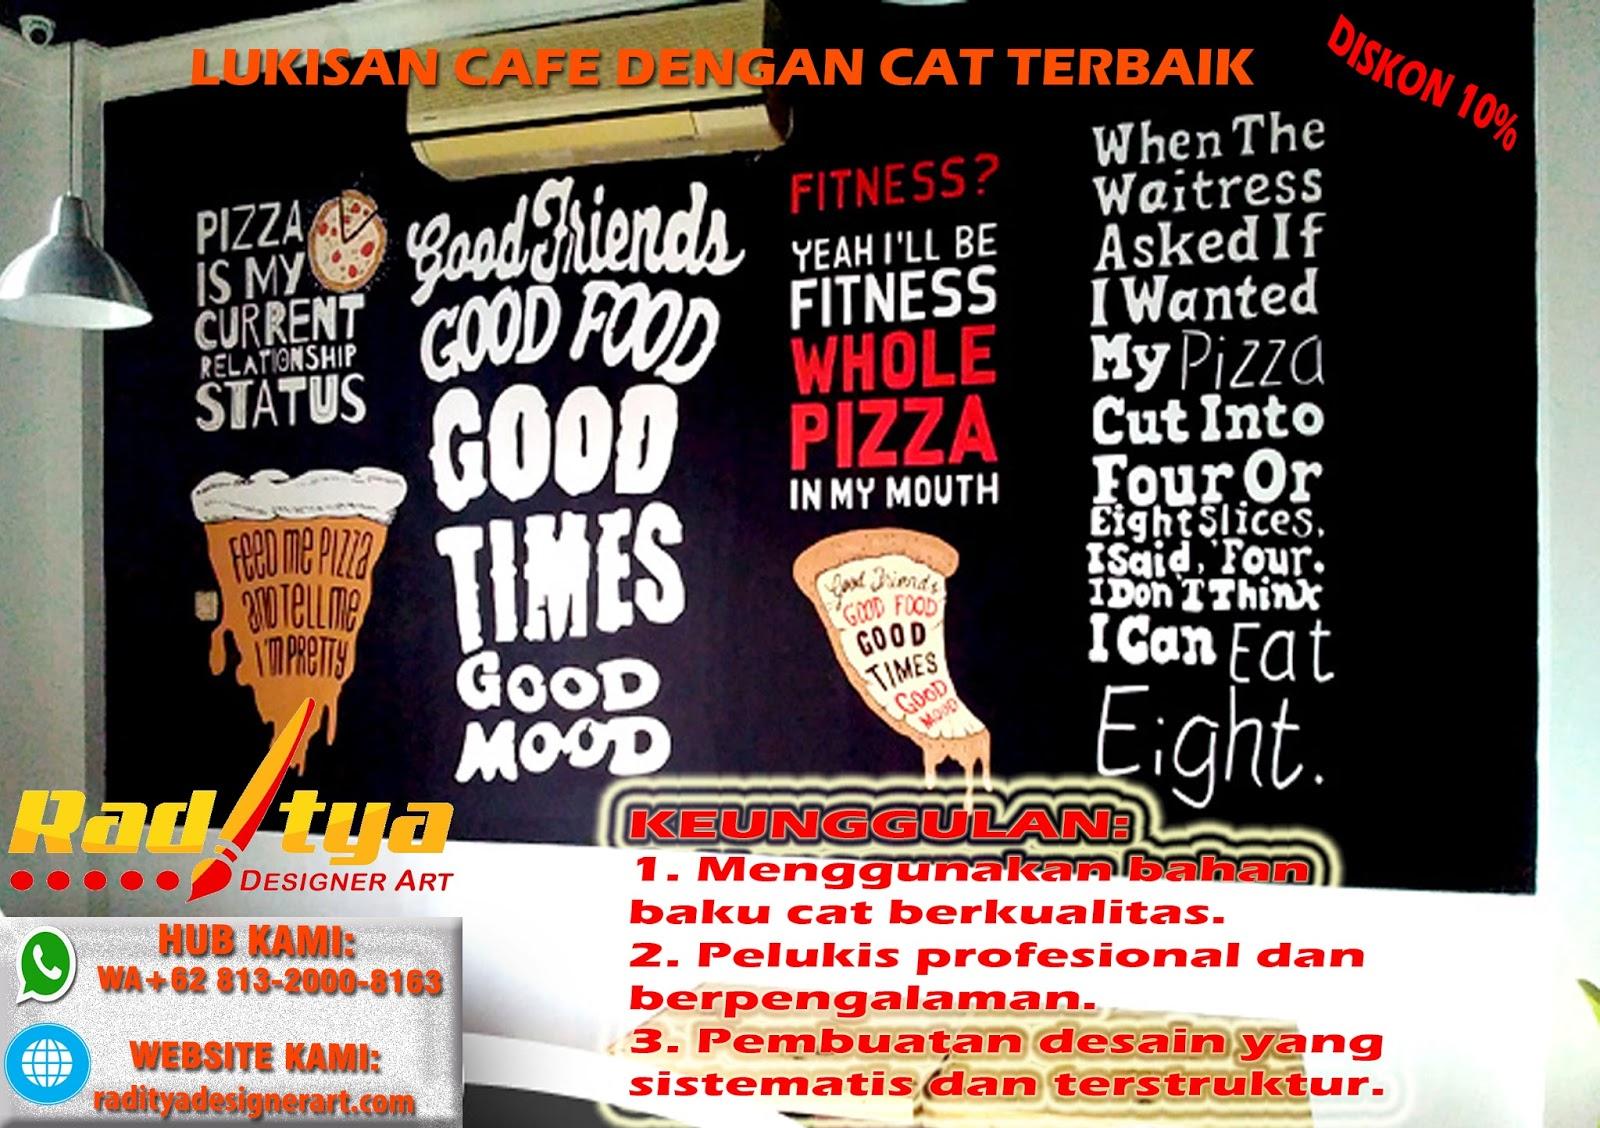 Harga Murah WA 62 813 2000 8163 Jasa Lukisan Dinding Cafe